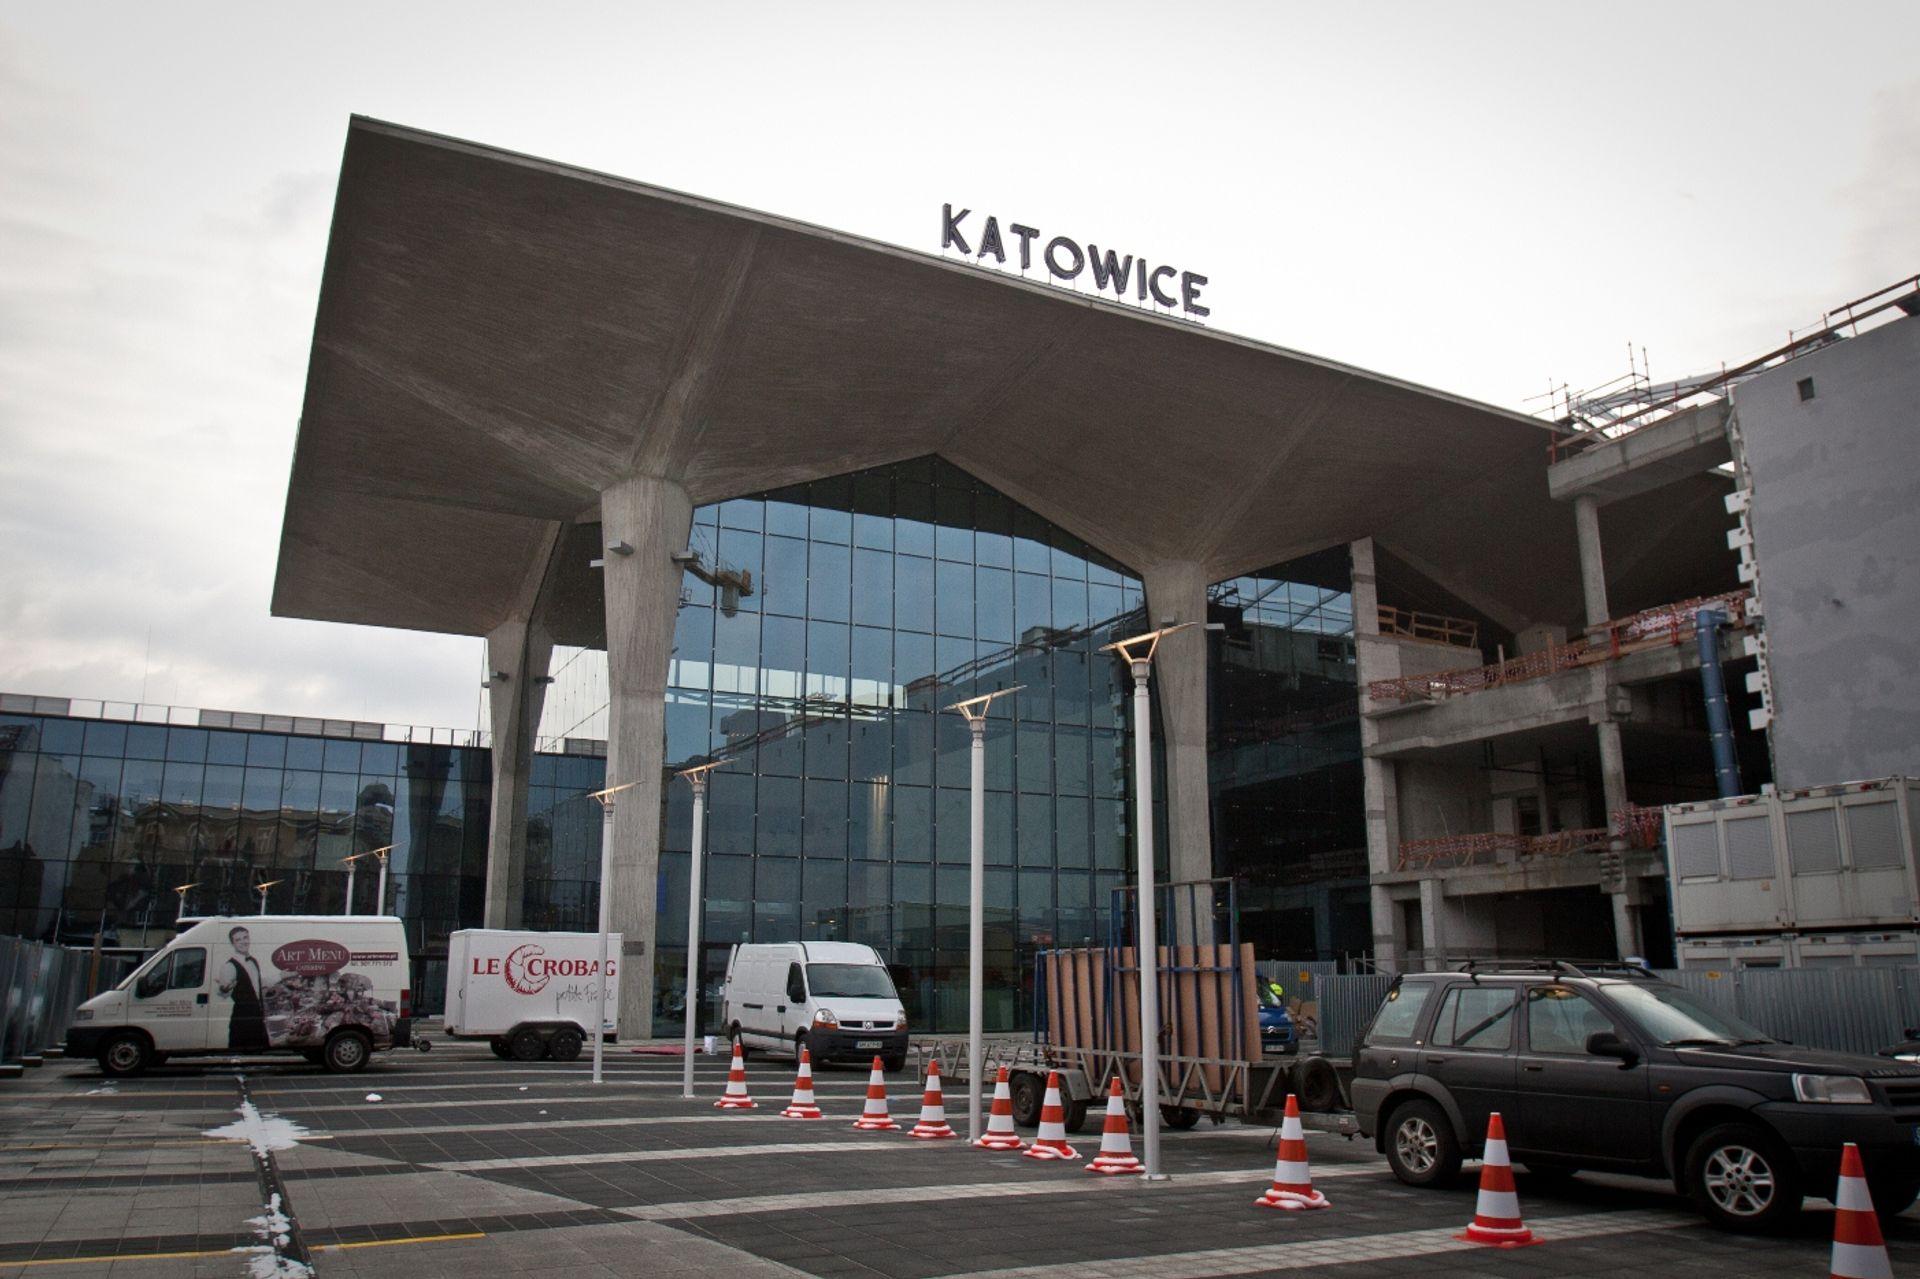 [Katowice] W Katowicach otwarto jeden z najnowocześniejszych dworców w kraju